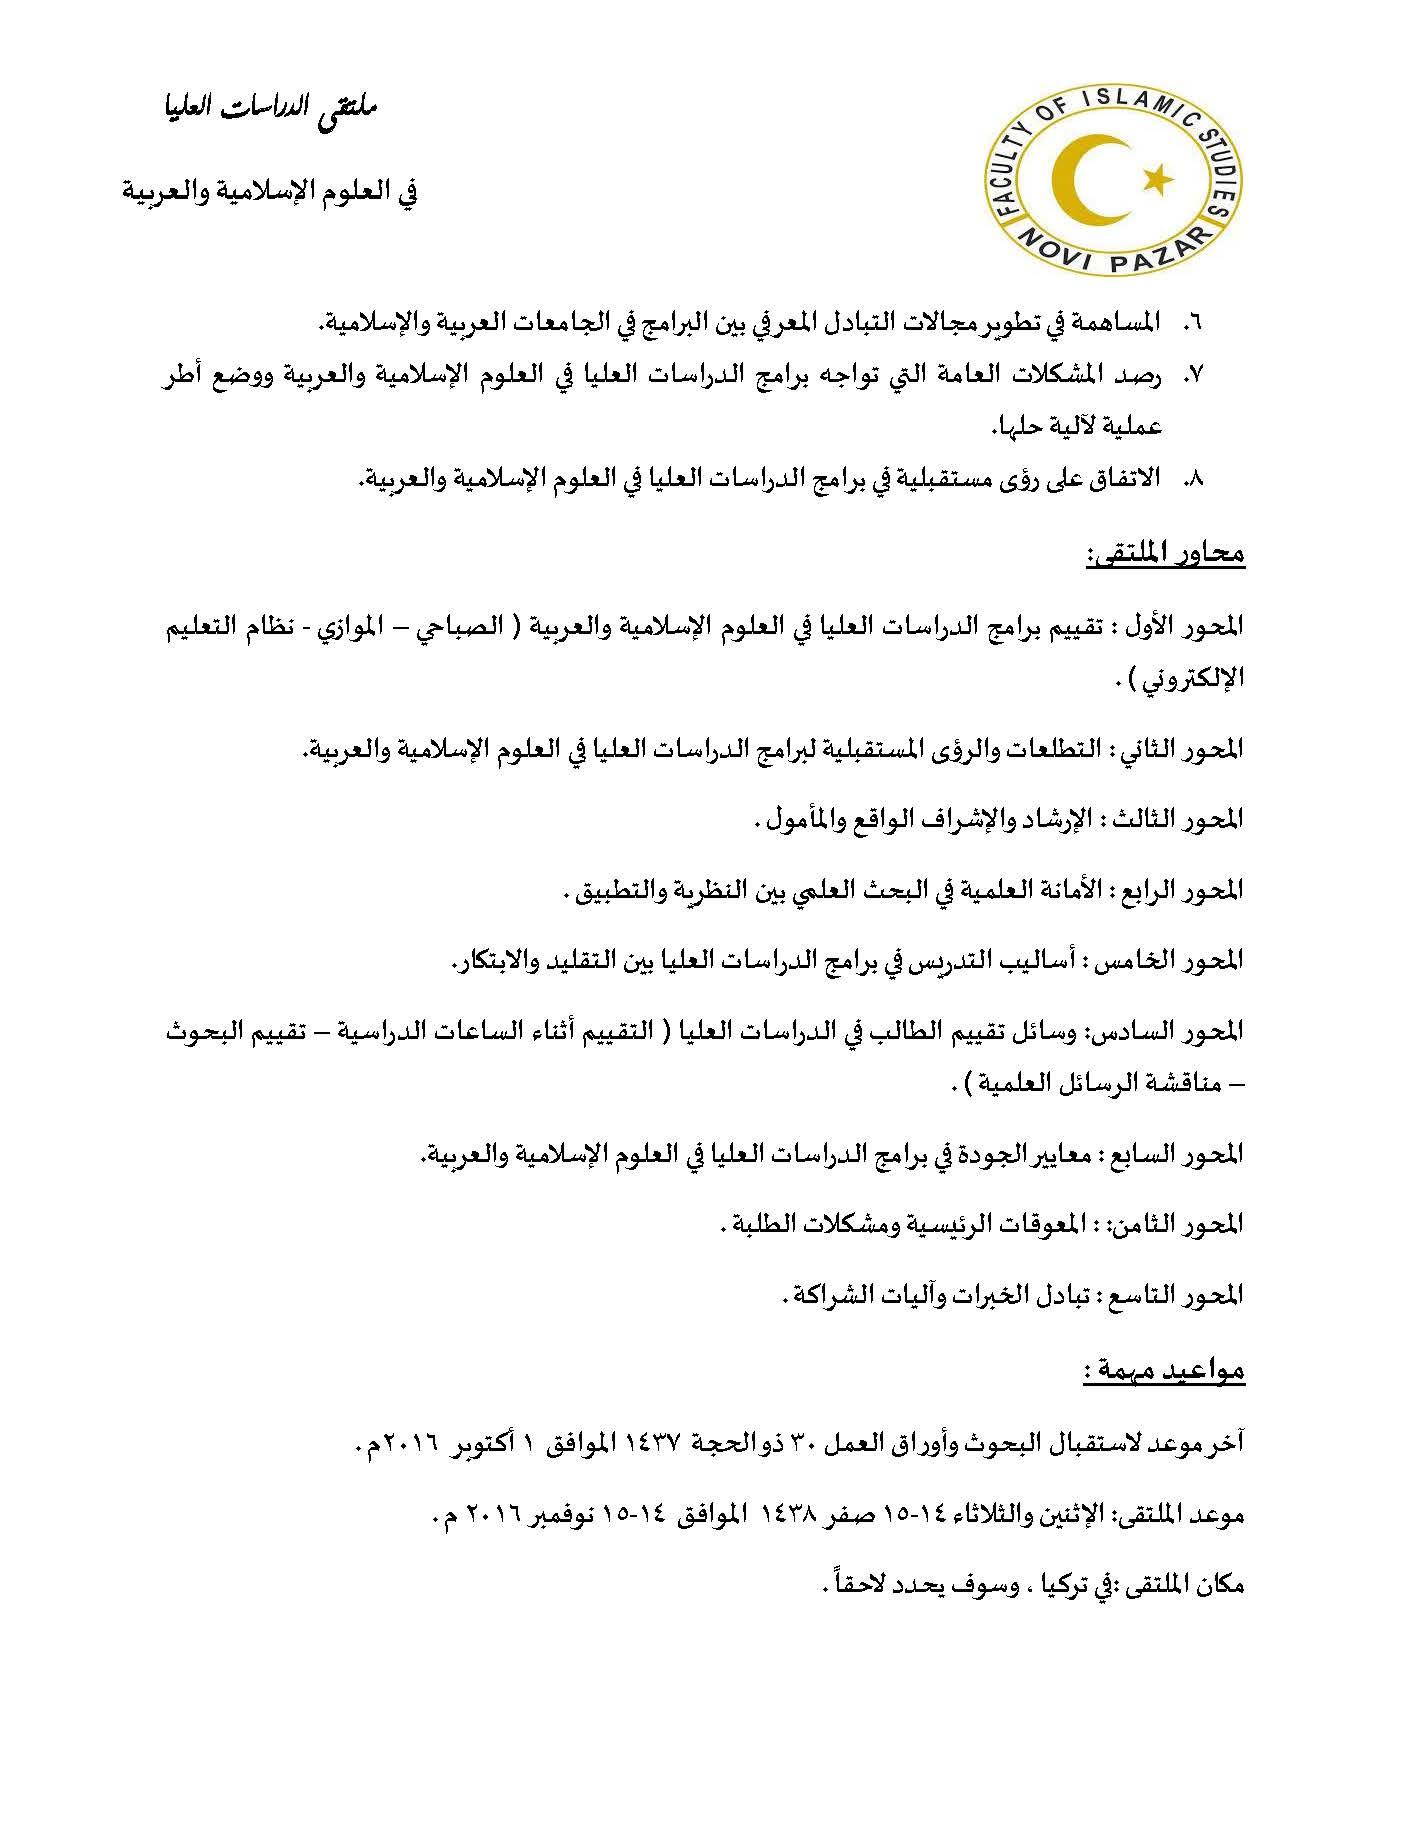 ملتقى الدراسات العليا في تركيا_Page_2